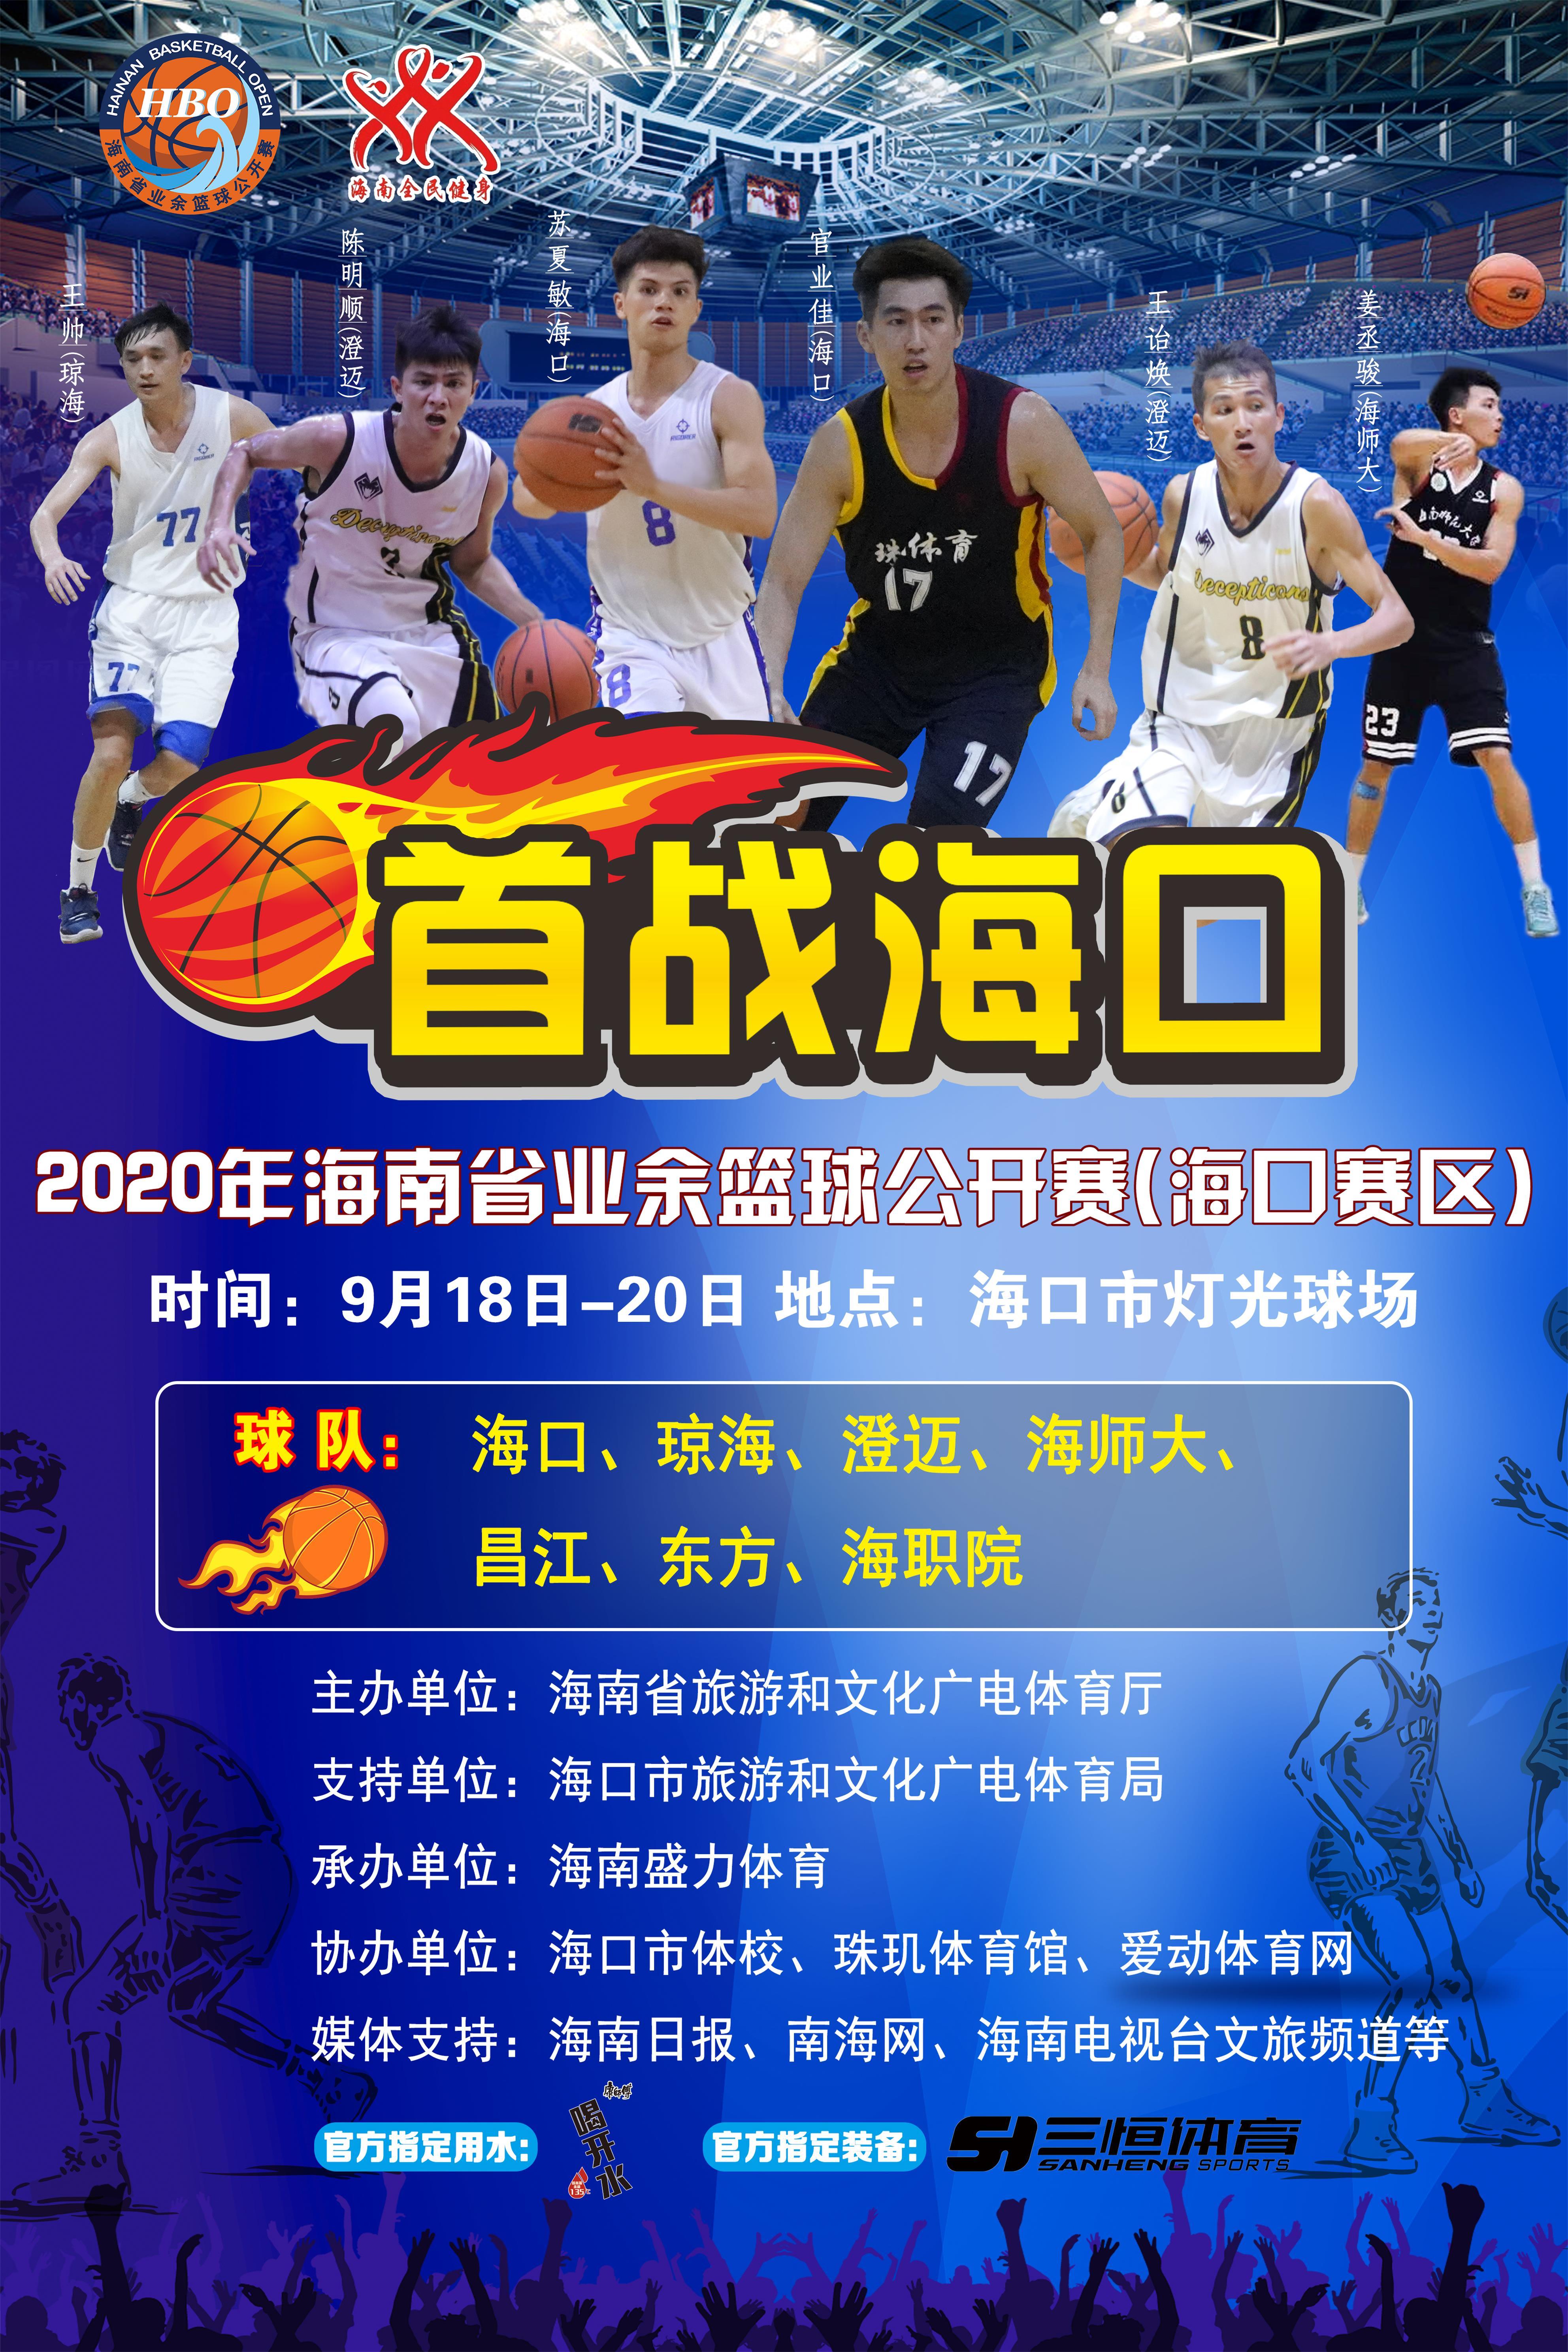 【回放】2020年biwei必威体育备用网站省业余篮球公开赛 19日(推迟至20日早)海口赛区